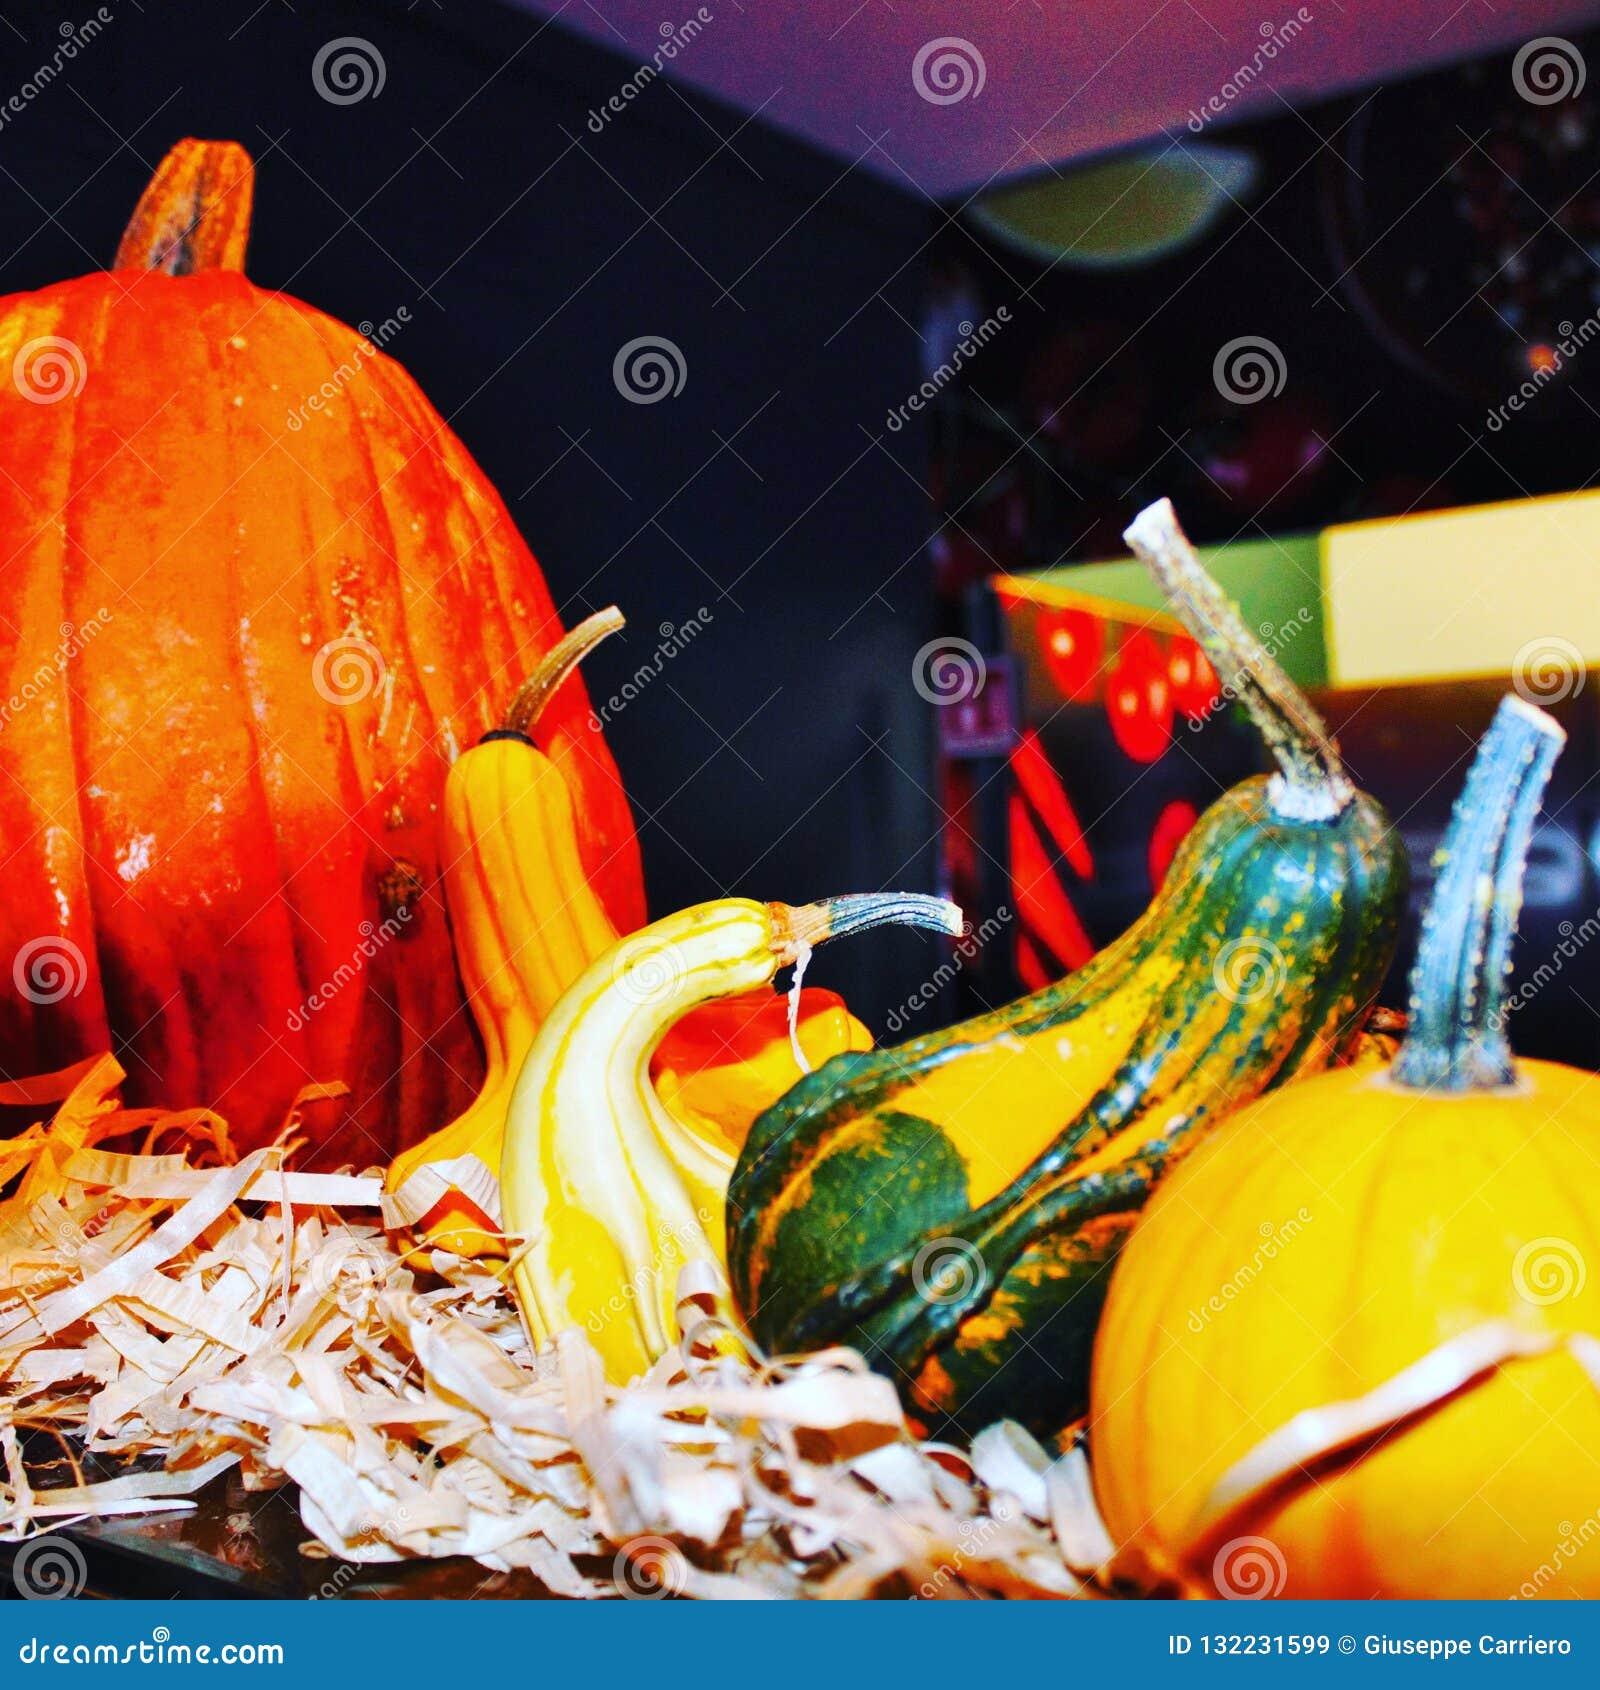 Composição de abóboras coloridas durante o período de Dia das Bruxas